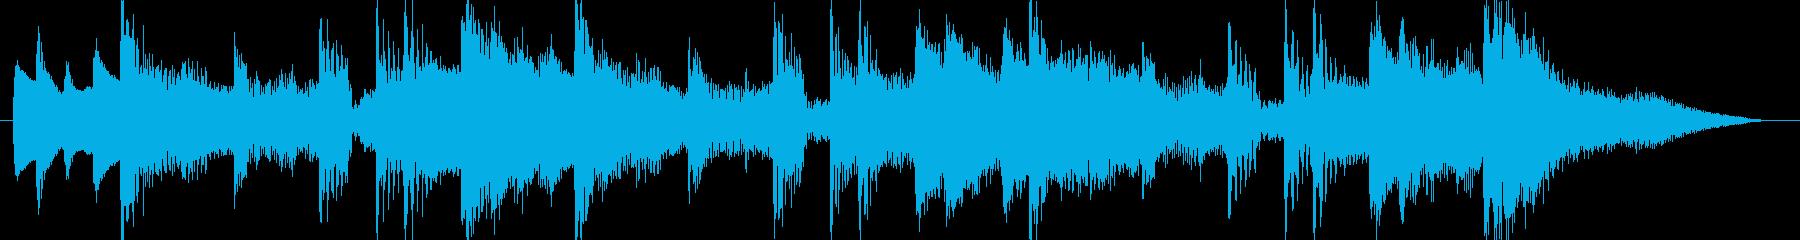 和風島唄風出囃子アイキャッチCM用BGMの再生済みの波形